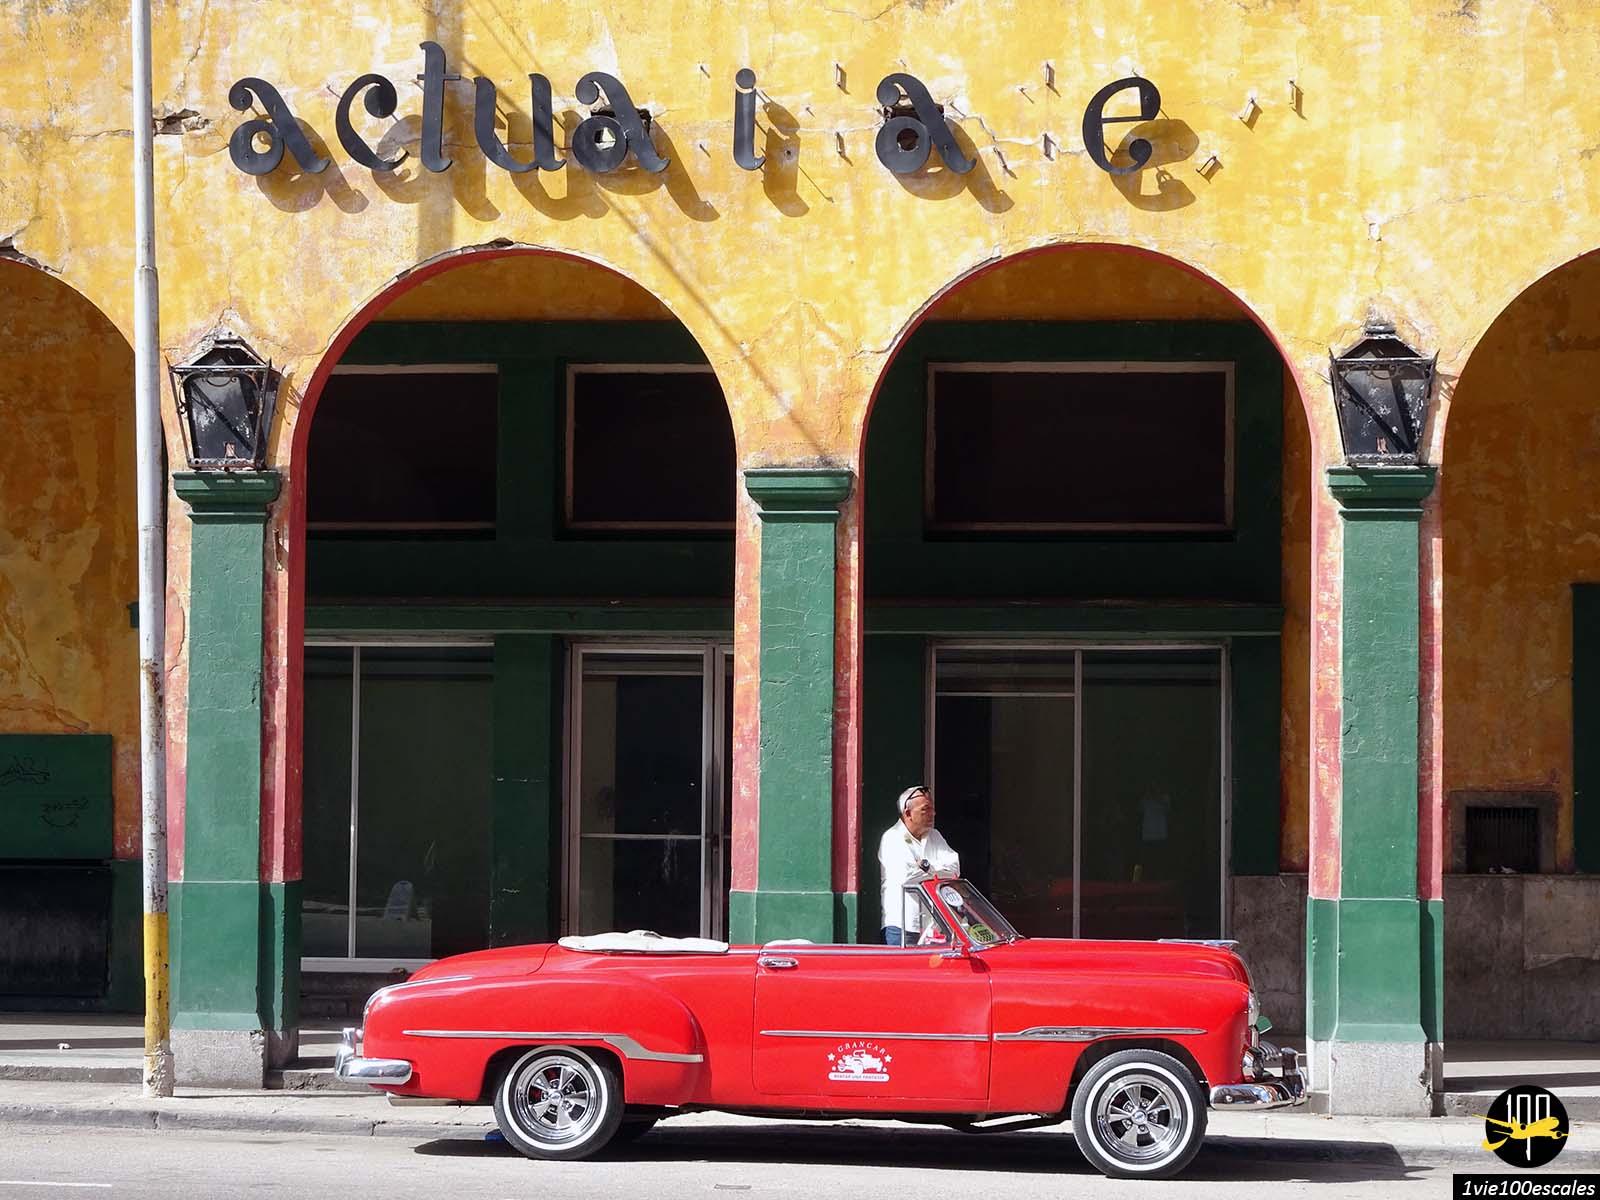 Une vieille voiture pour découvrir La Havane le temps d'une excursion